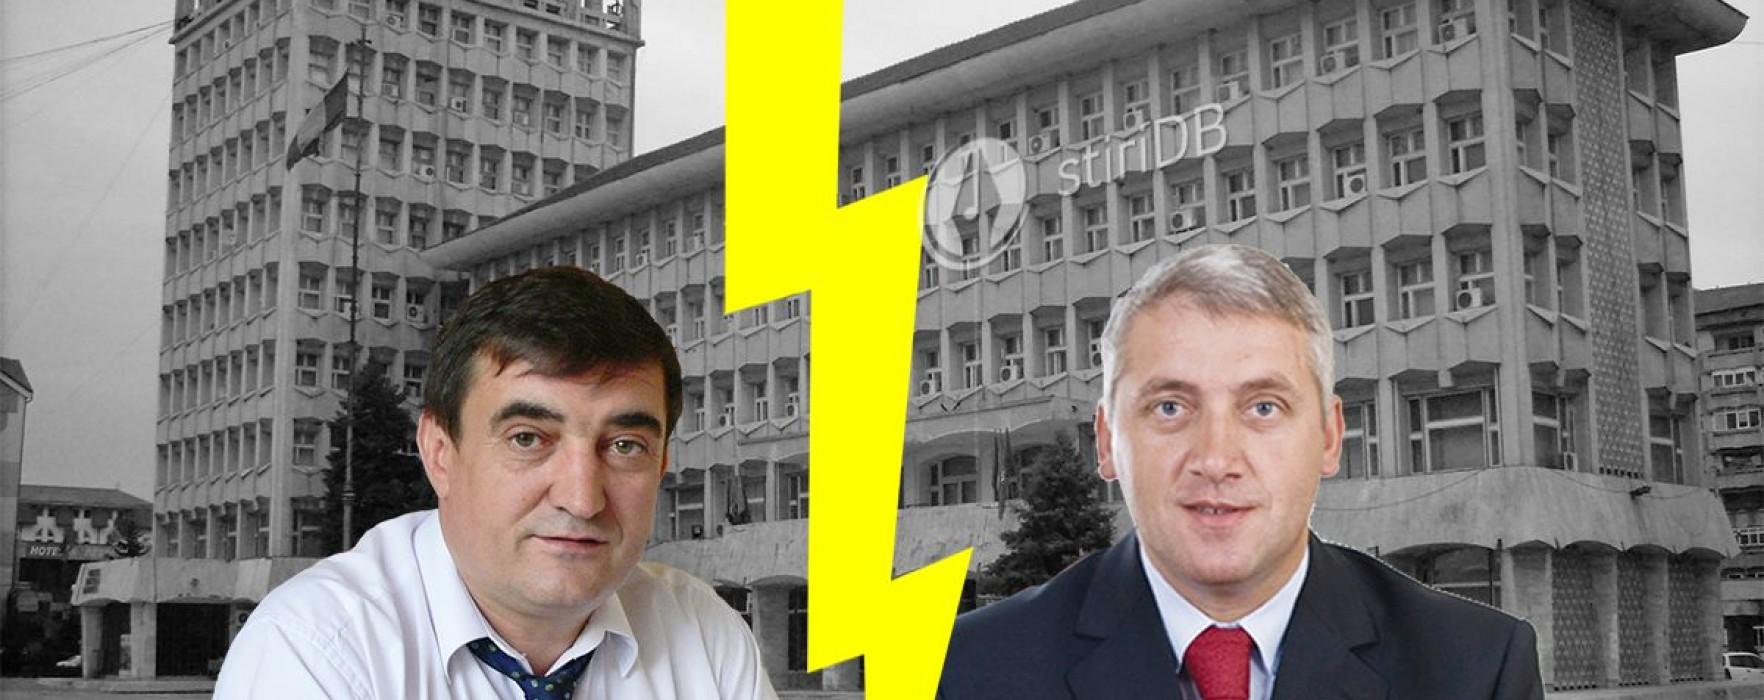 PNL Dâmboviţa solicită scuze publice de la preşedintele CJD, Adrian Ţuţuianu